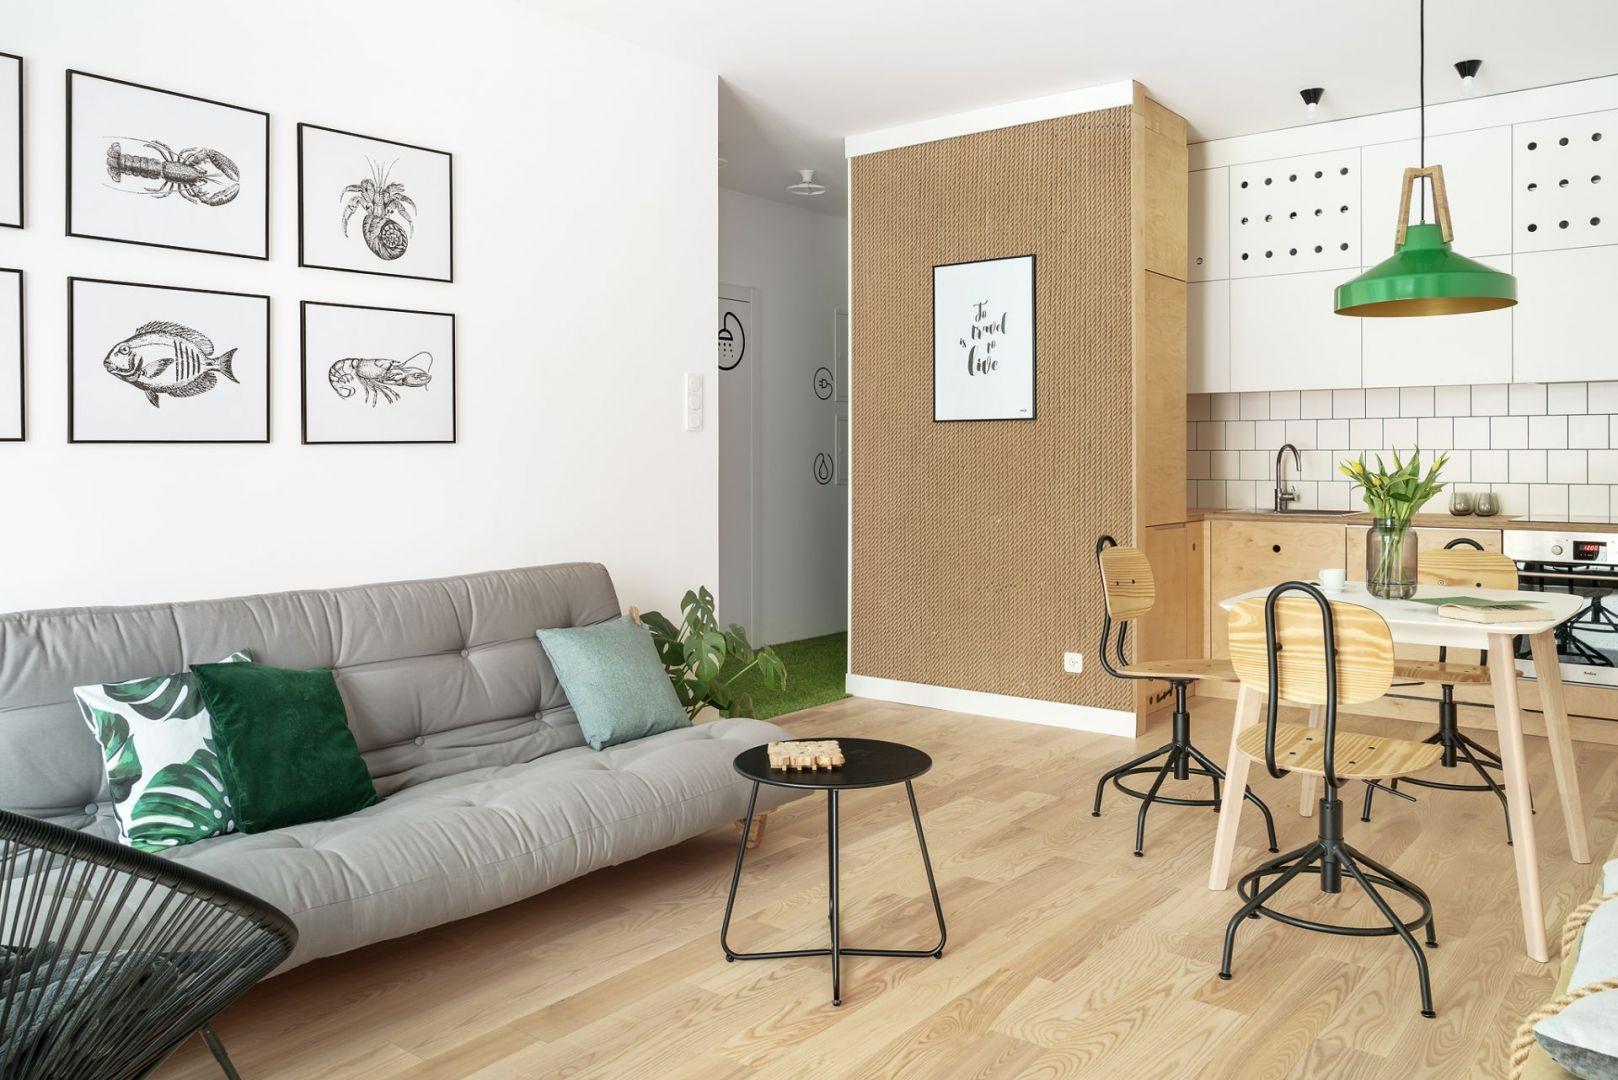 Tło dla innych elementów wystroju z powodzeniem stworzą utrzymane w jasnych kolorach ściany, podwieszane sufity, a także podłoga. Projekt Maka Studio (Daria Pawlaczyk, Aleksandra Kurc). Fot. Tom Kurek